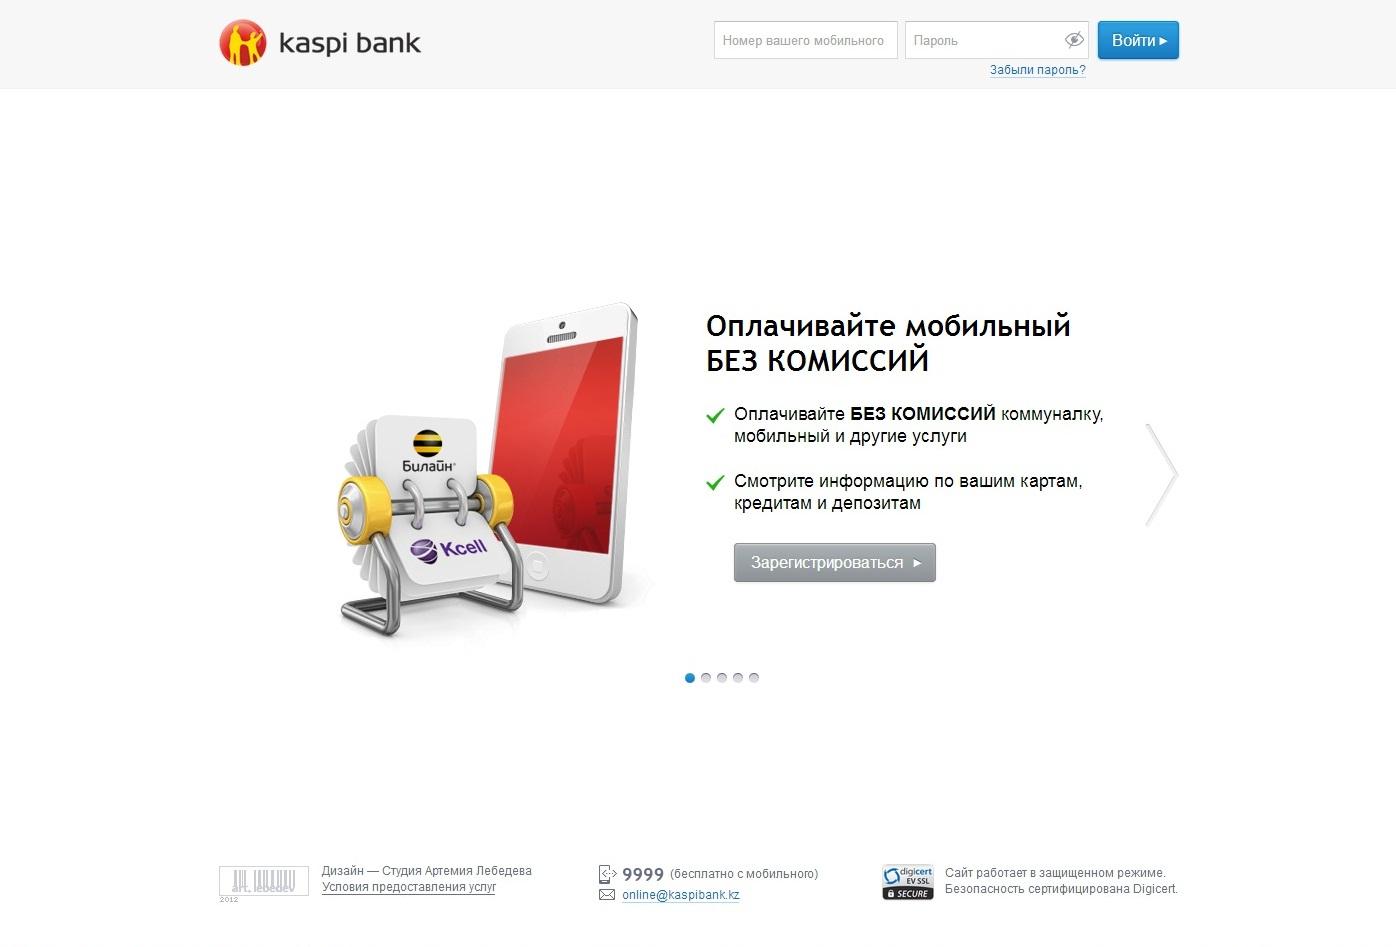 Порядок оплаты коммунальных услуг на Kaspi.kz